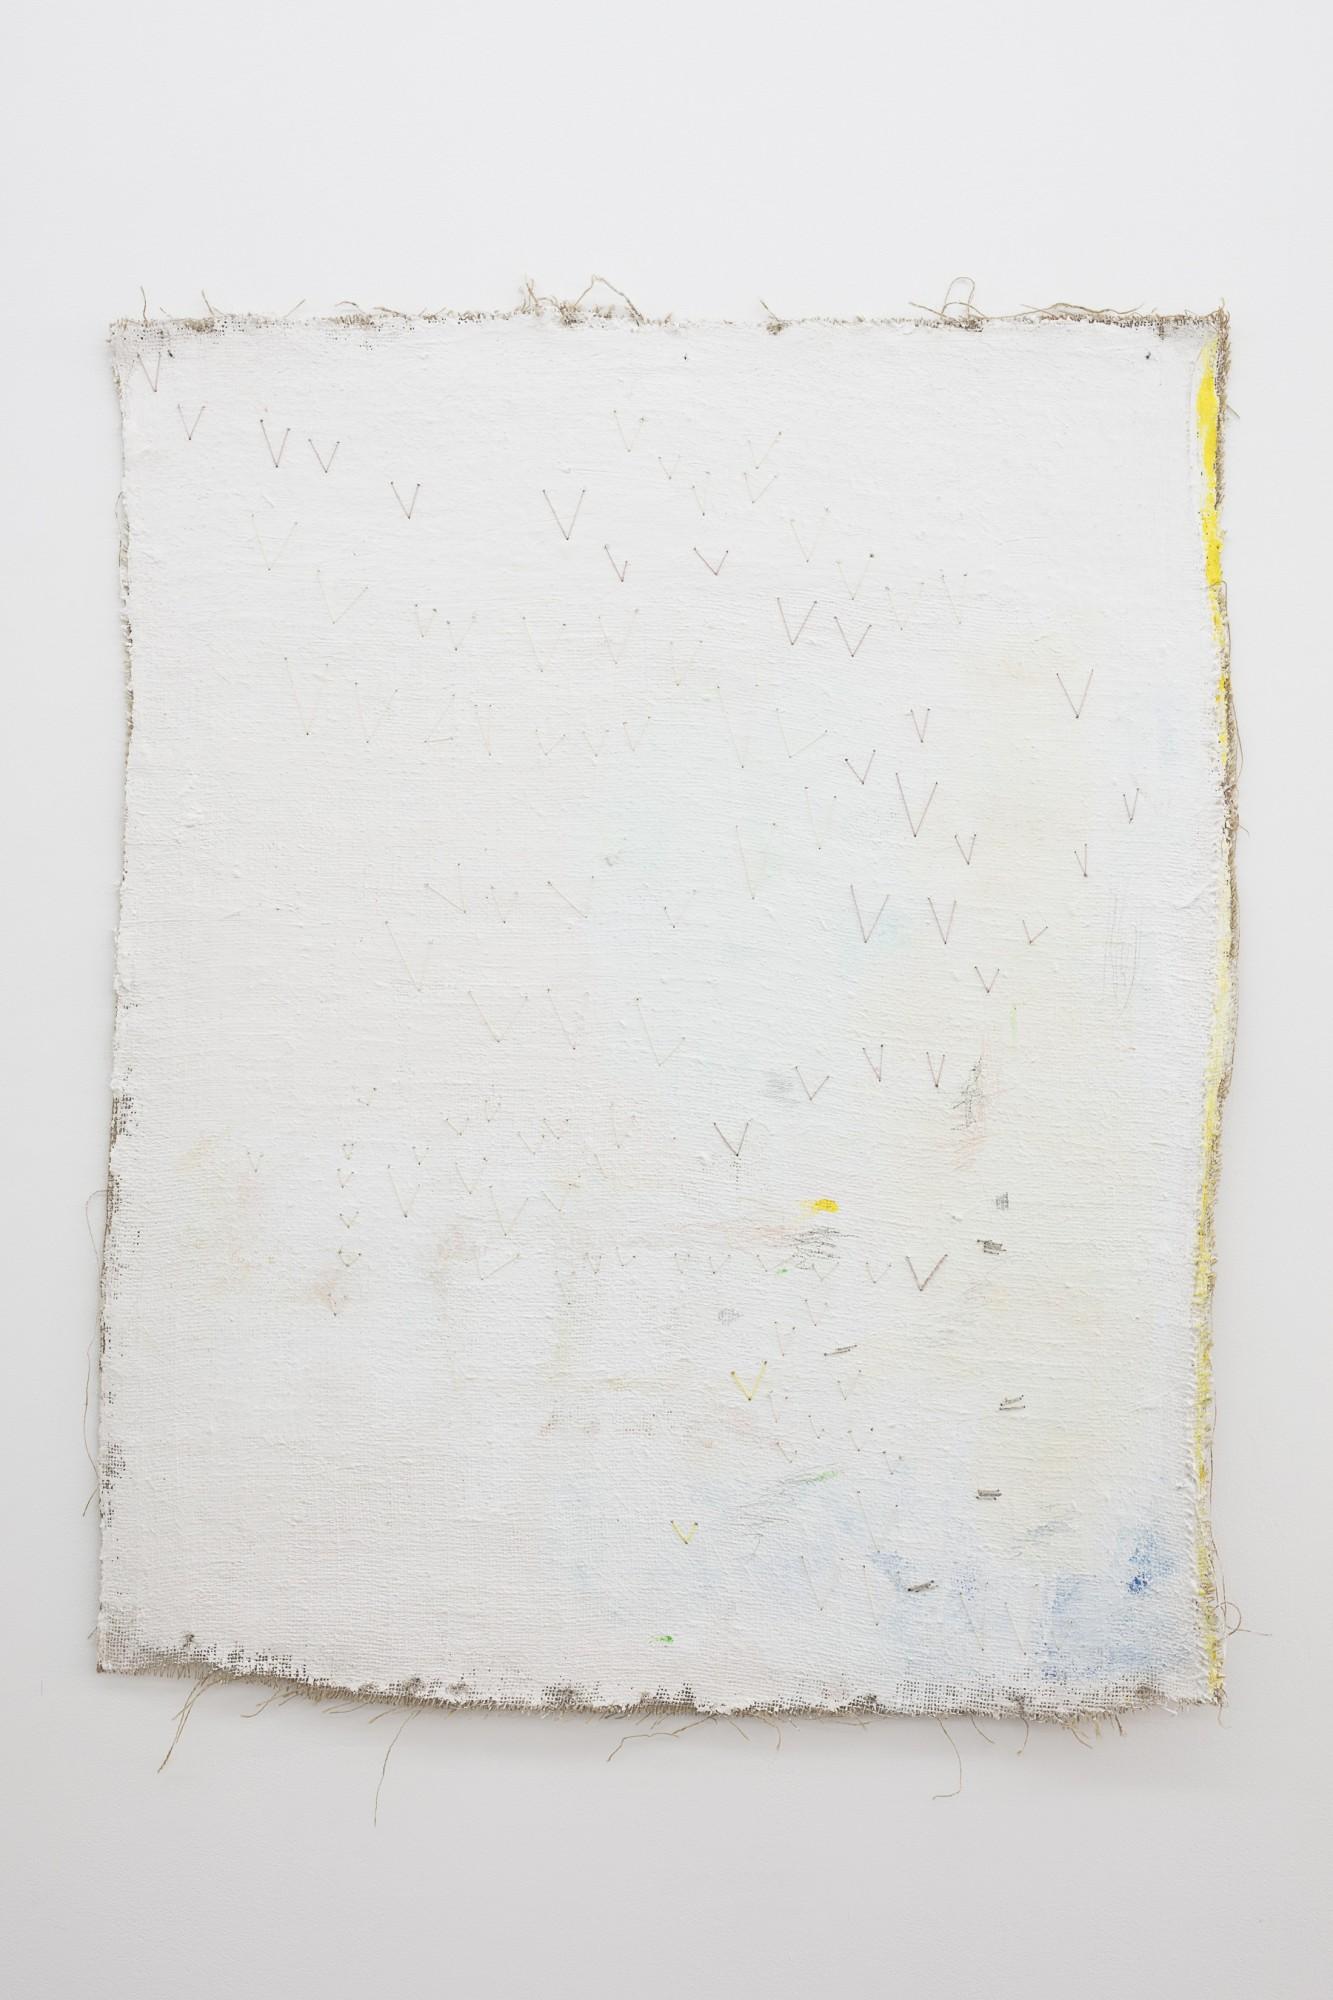 Jodie Carey, Untitled, 2017